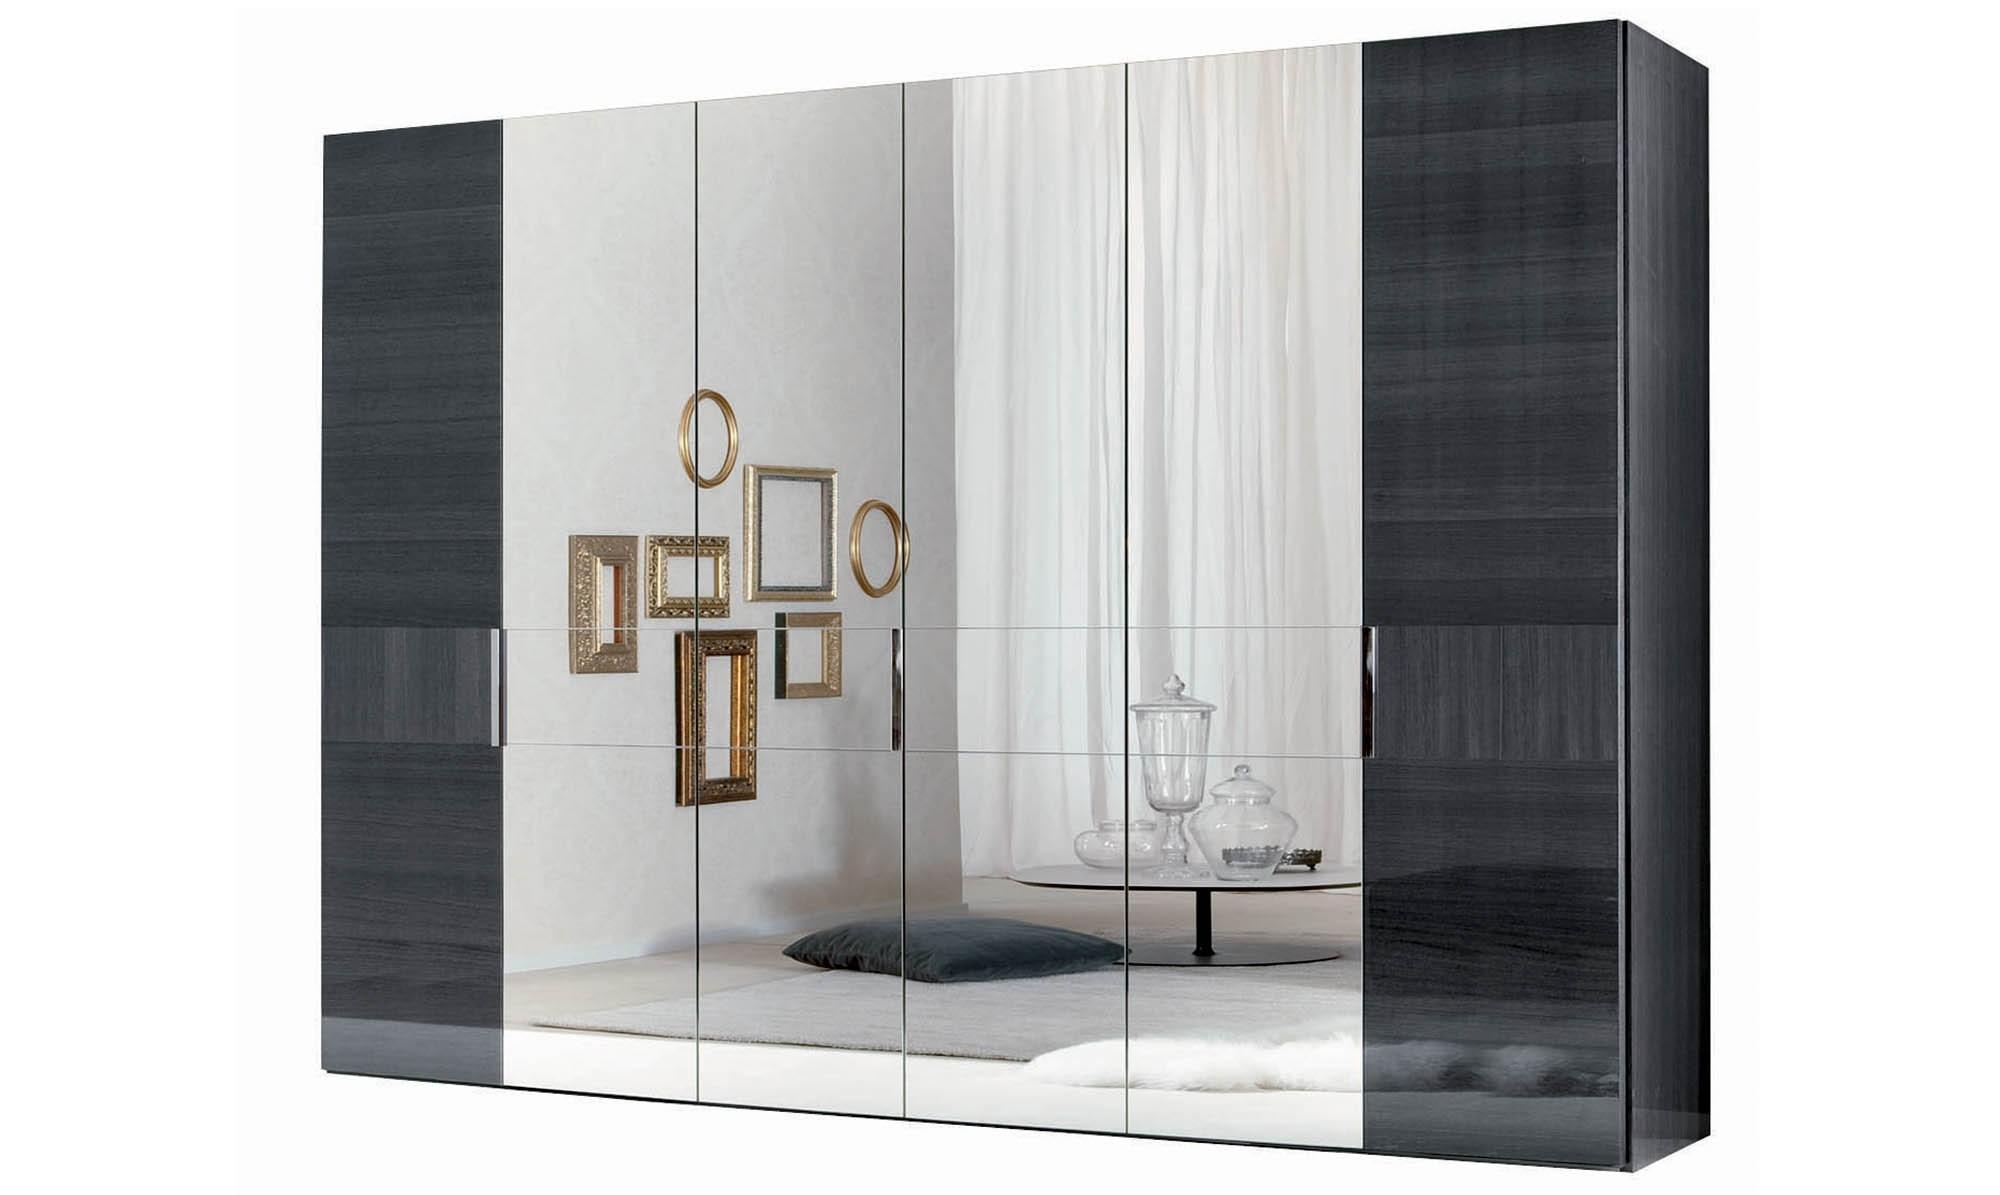 Most Recently Released 6 Door Wardrobes Pertaining To Antibes – 6 Door Hinged Wardrobe 4 Mirror Doors Finish – All (View 6 of 15)